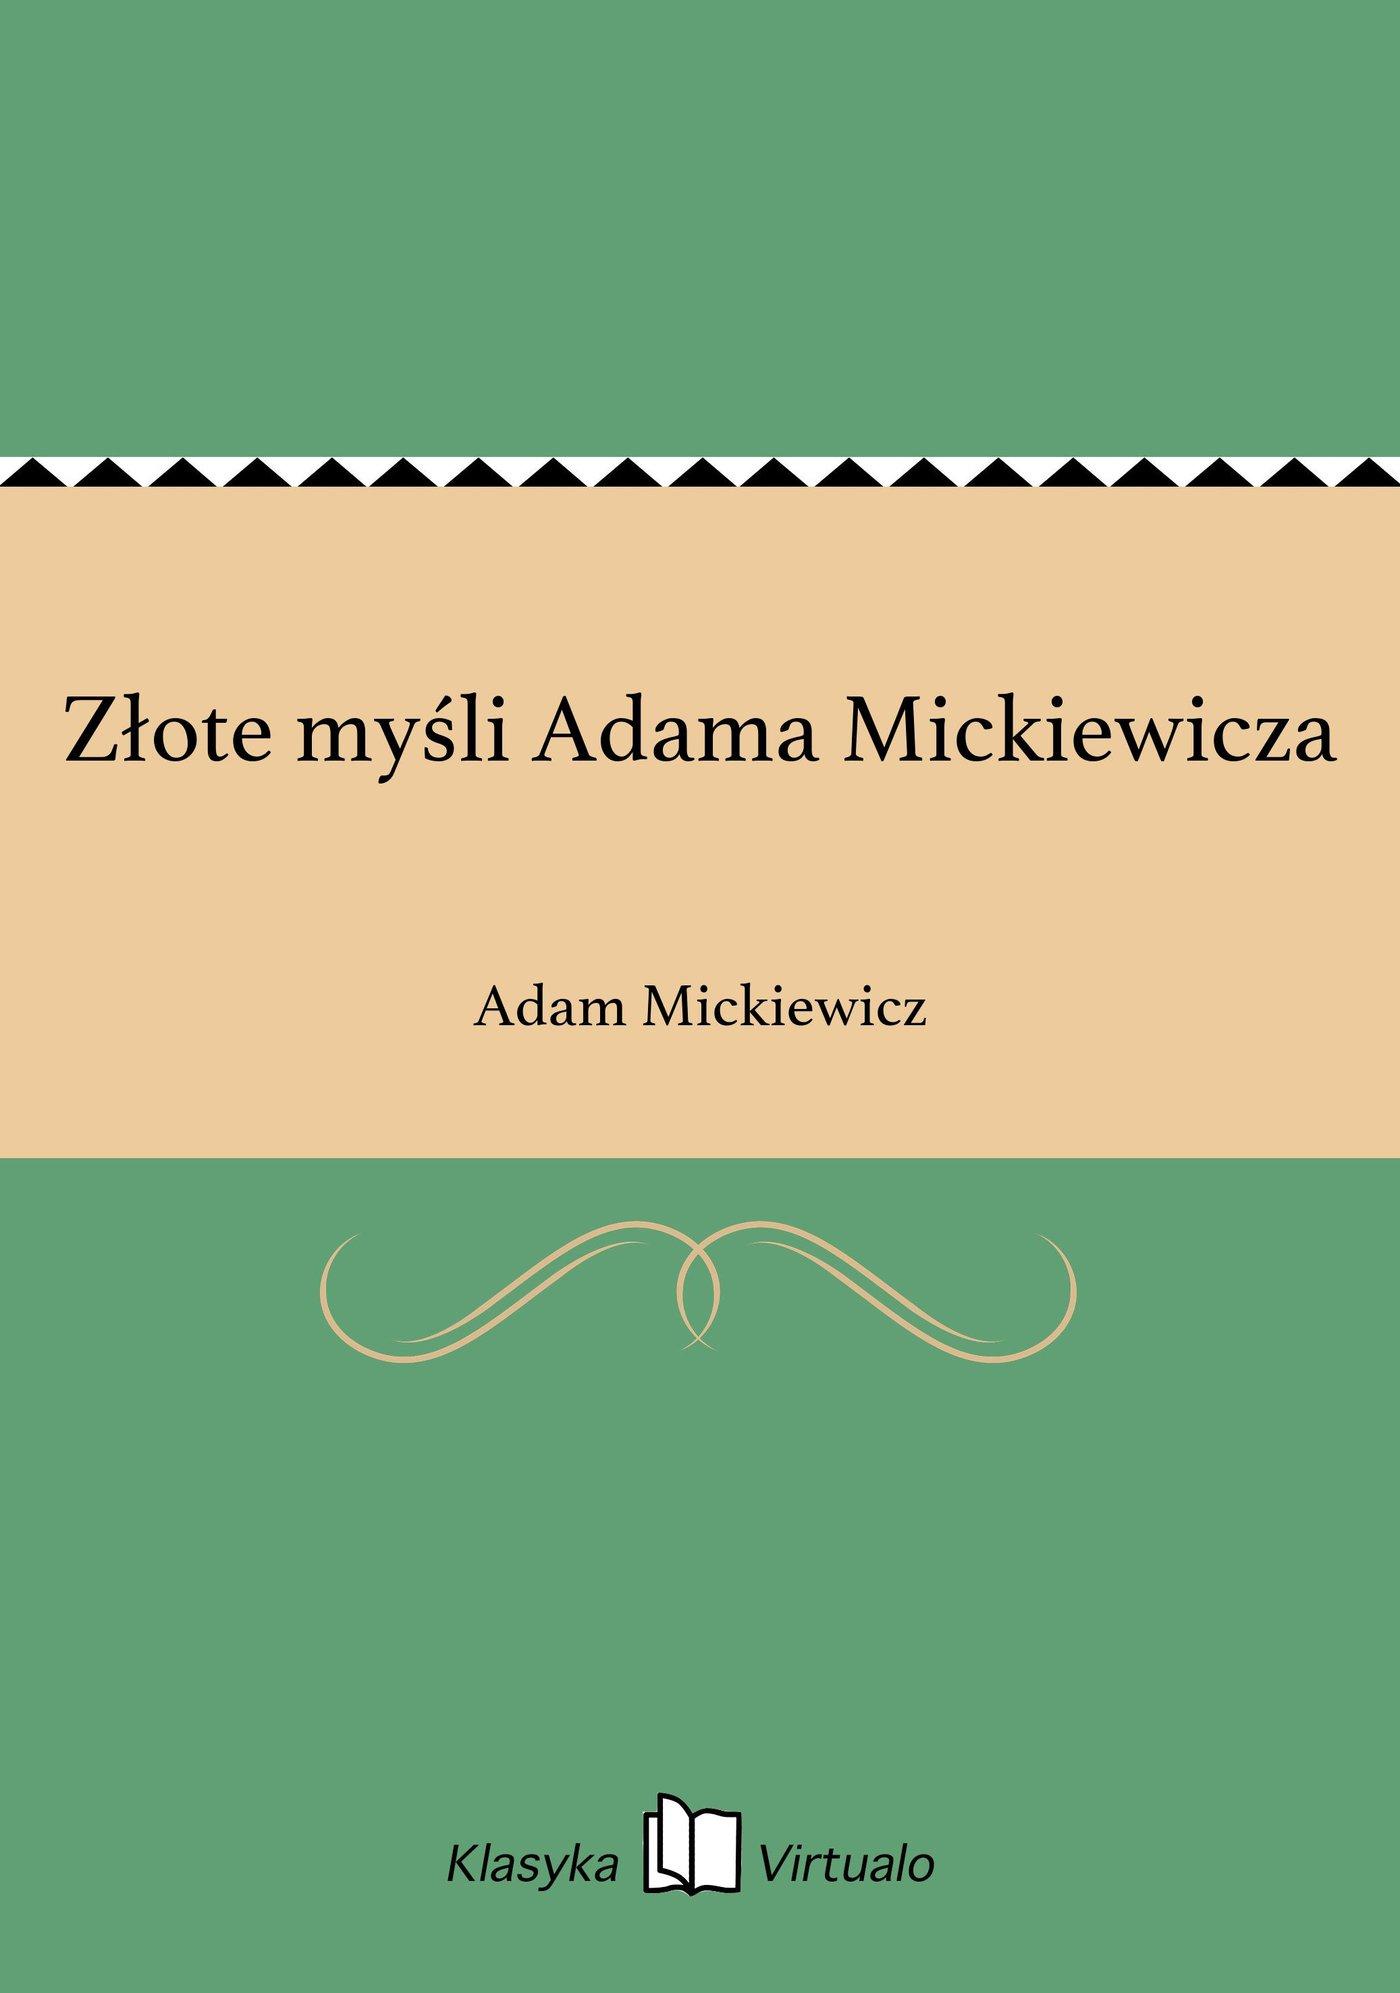 Złote myśli Adama Mickiewicza - Ebook (Książka EPUB) do pobrania w formacie EPUB